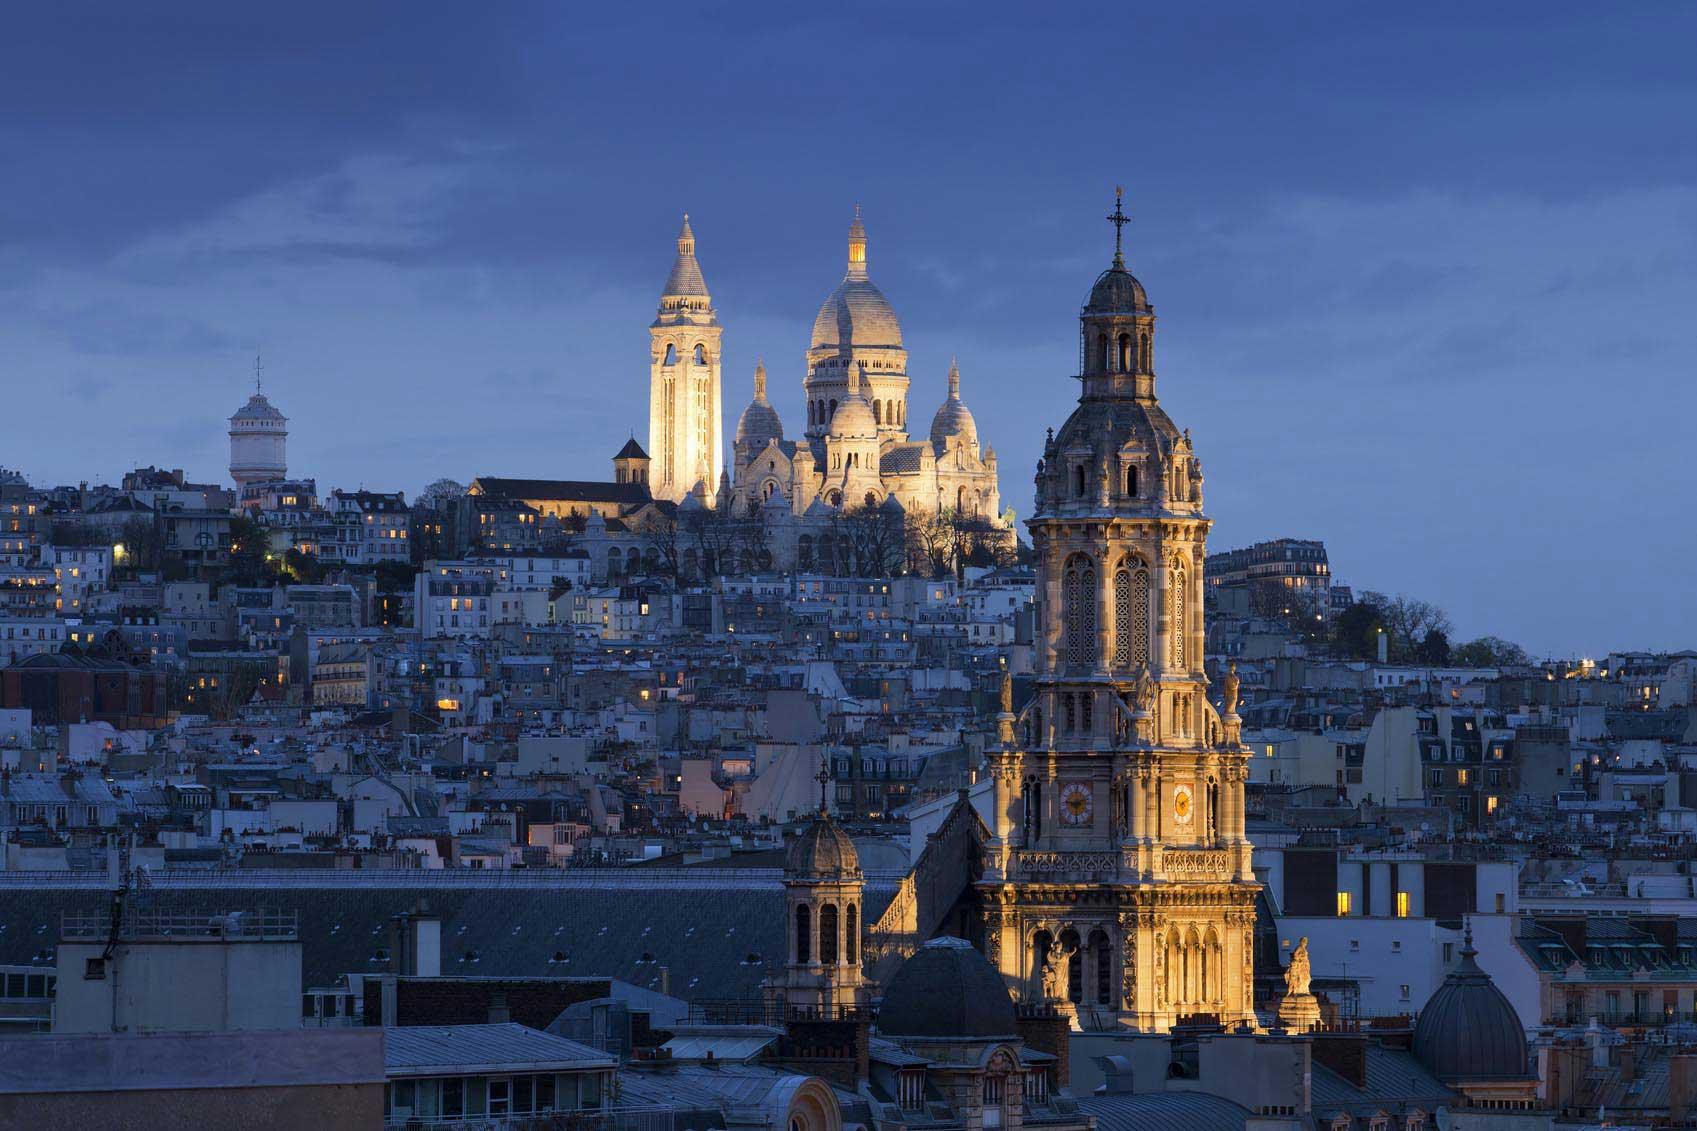 La Basilique du Sacré-Cœur illuminée en pleine nuit, dans les hauteurs de Montmartre.